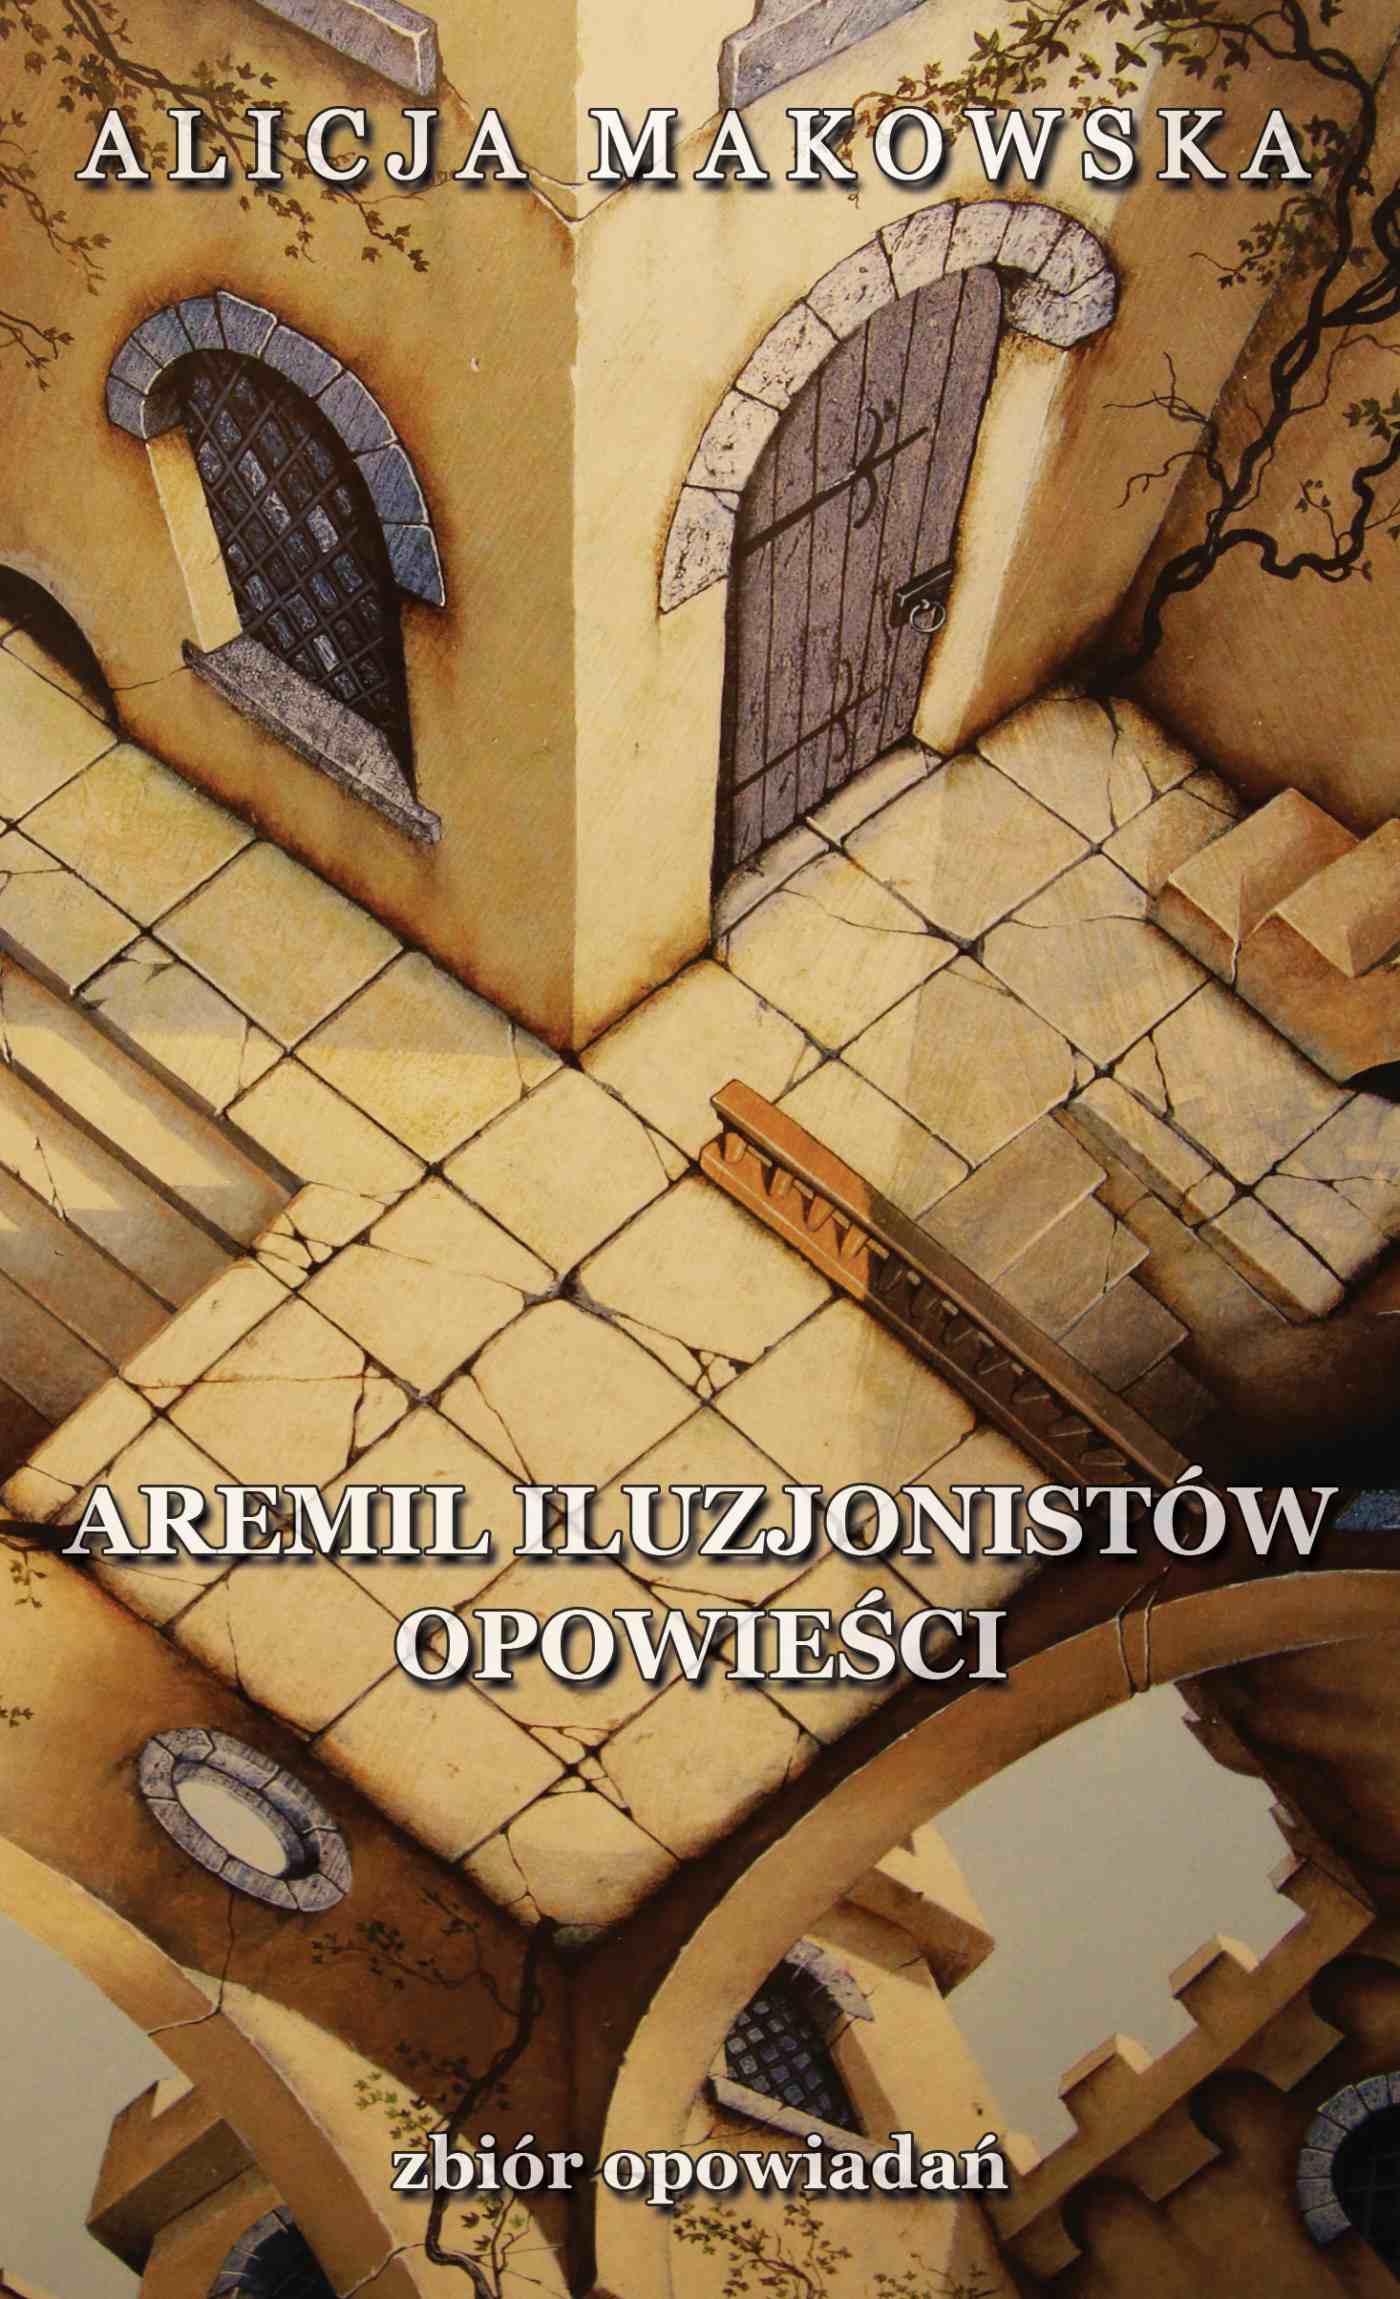 Aremil Iluzjonistów: opowieści - Ebook (Książka PDF) do pobrania w formacie PDF